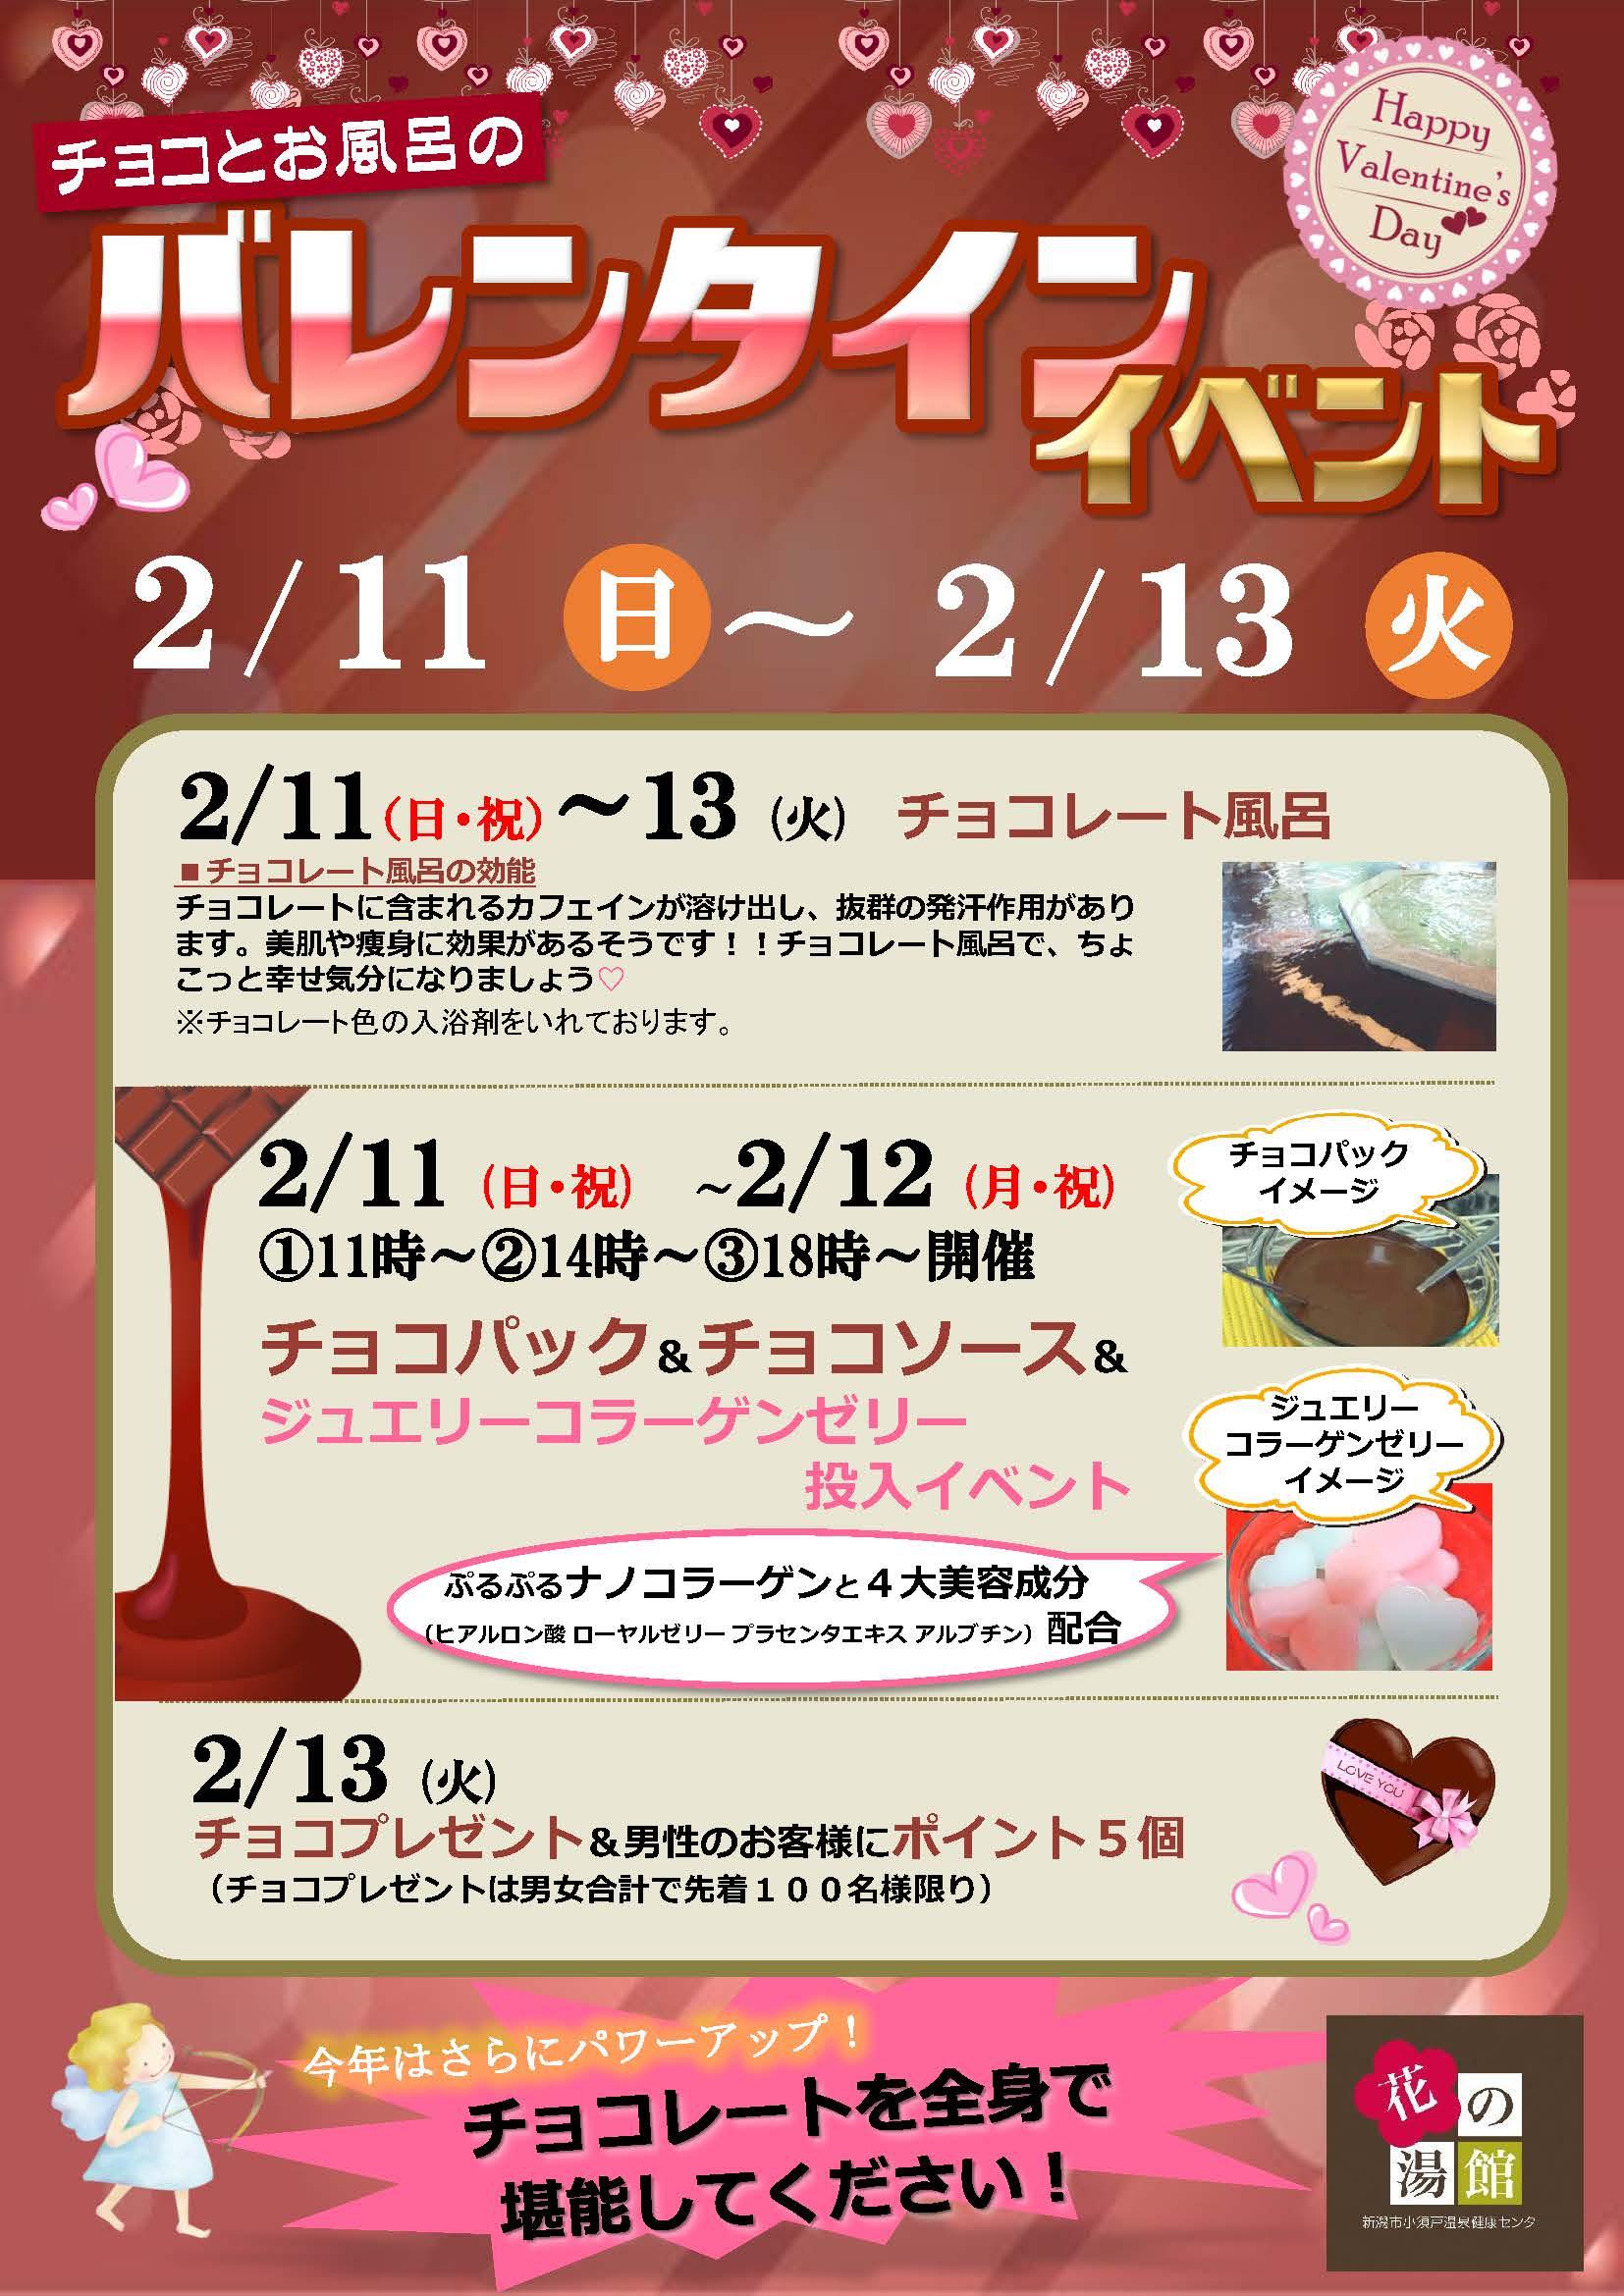 バレンタインイベント2018+花の湯館